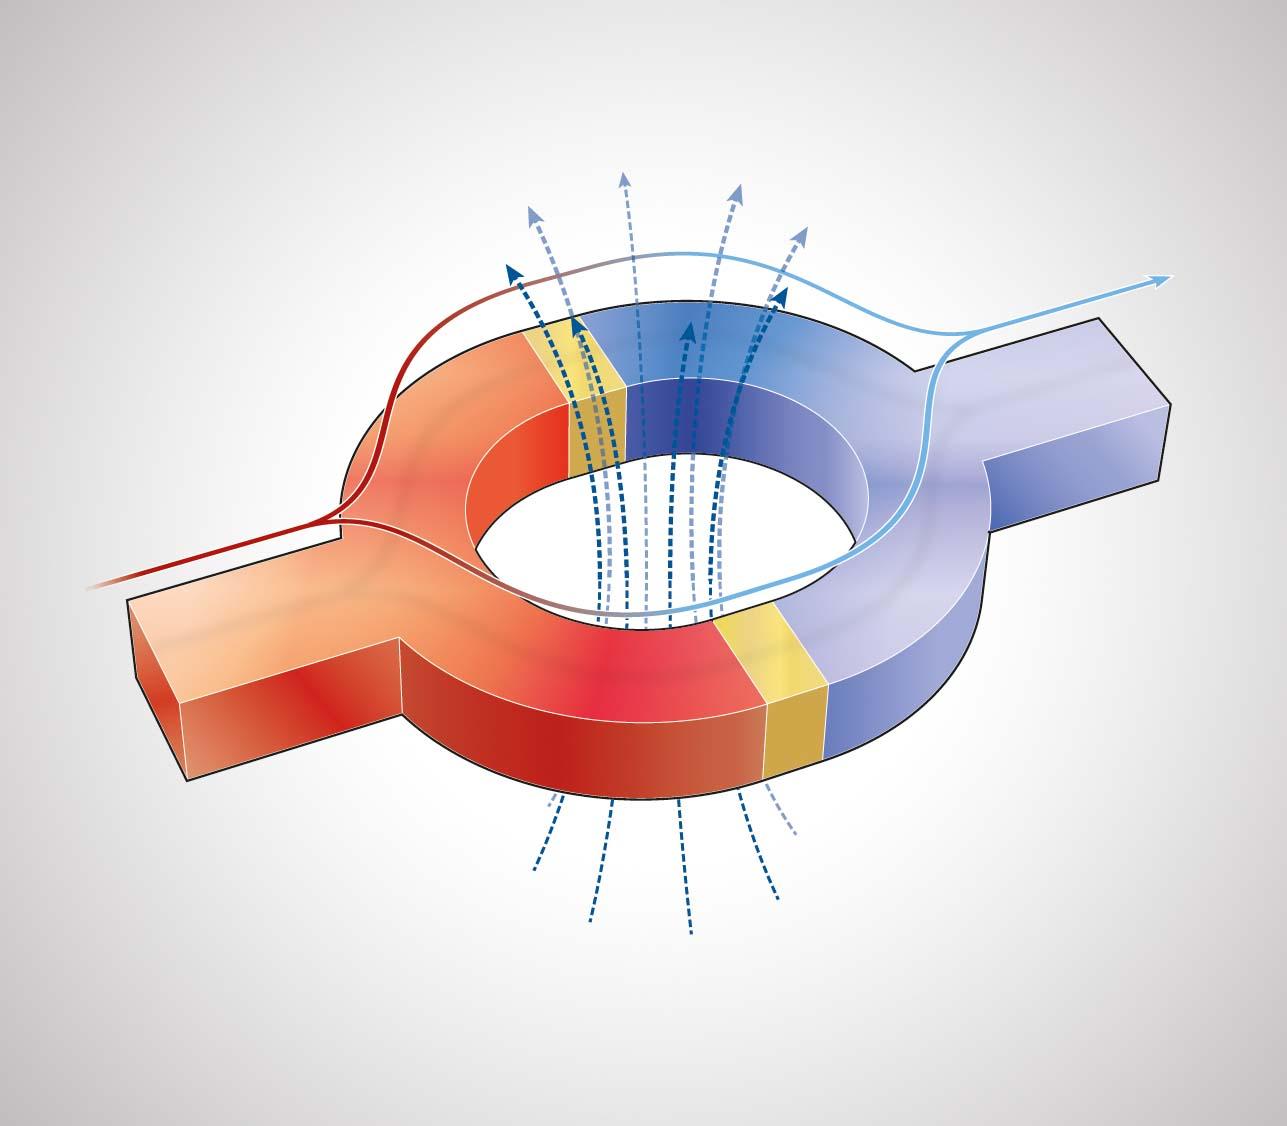 Природный магнетизм человека: как проявляется и как развить?